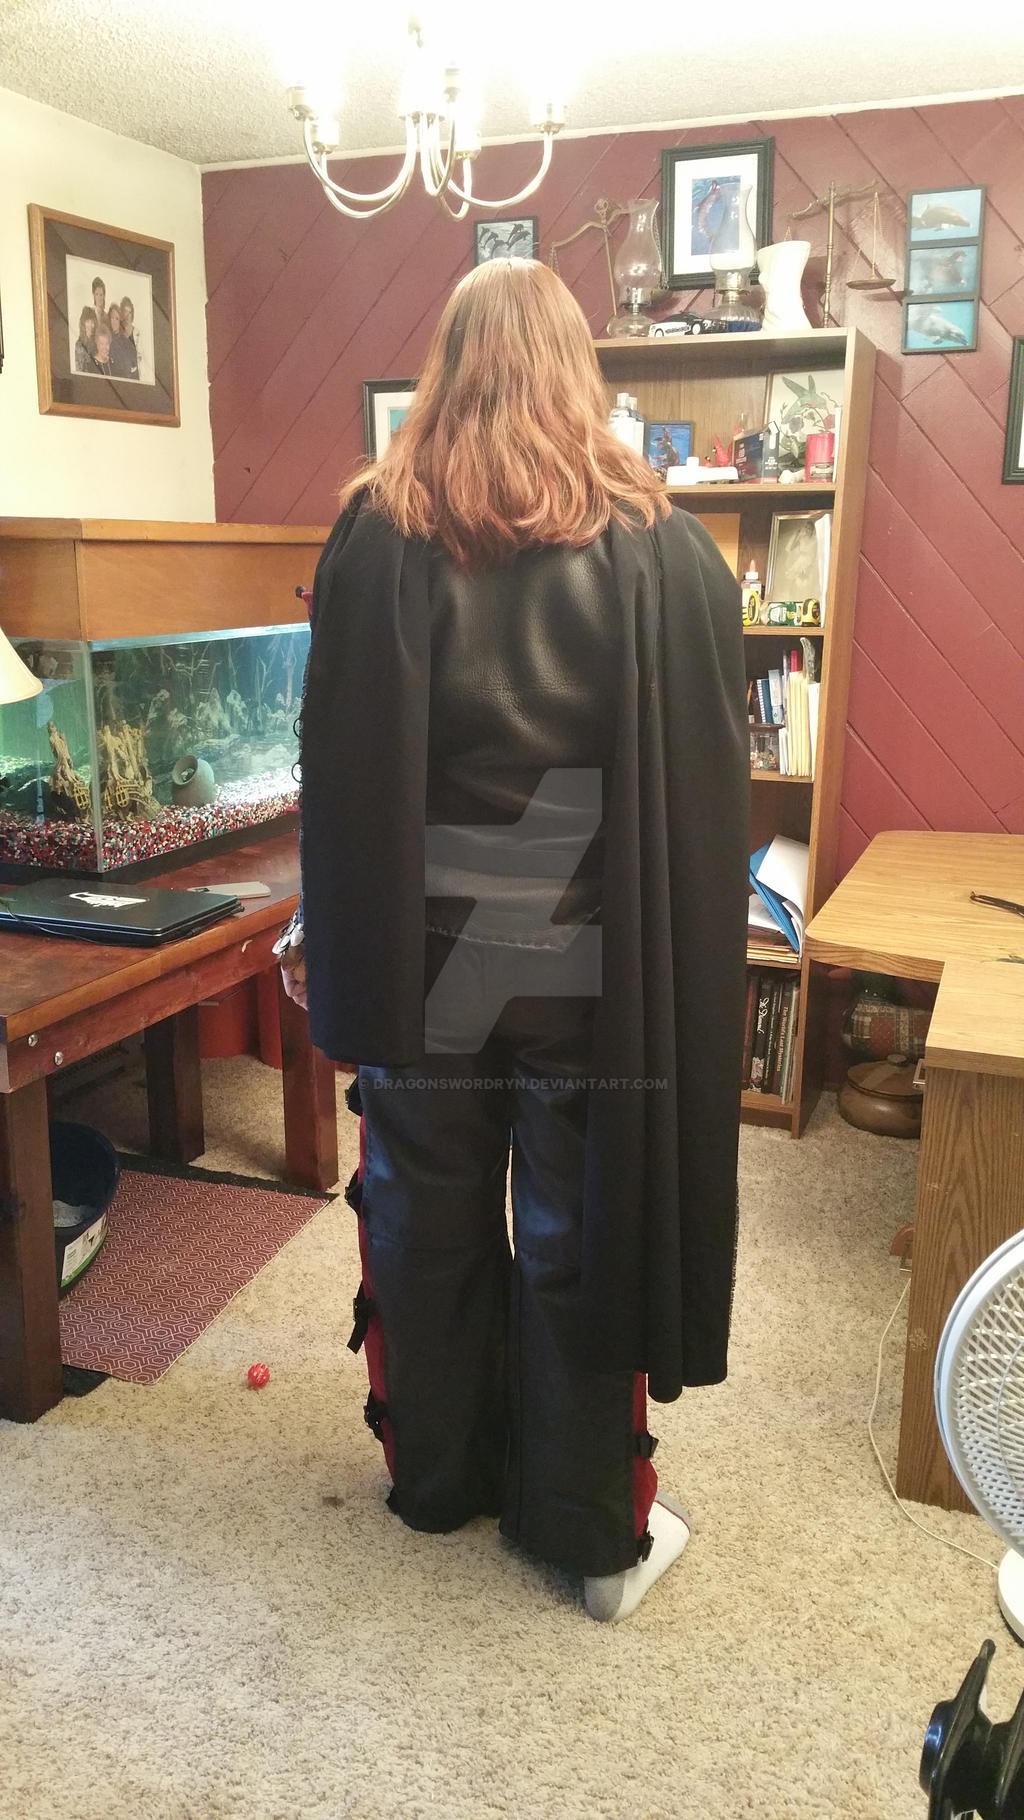 Black widow back by DragonswordRyn